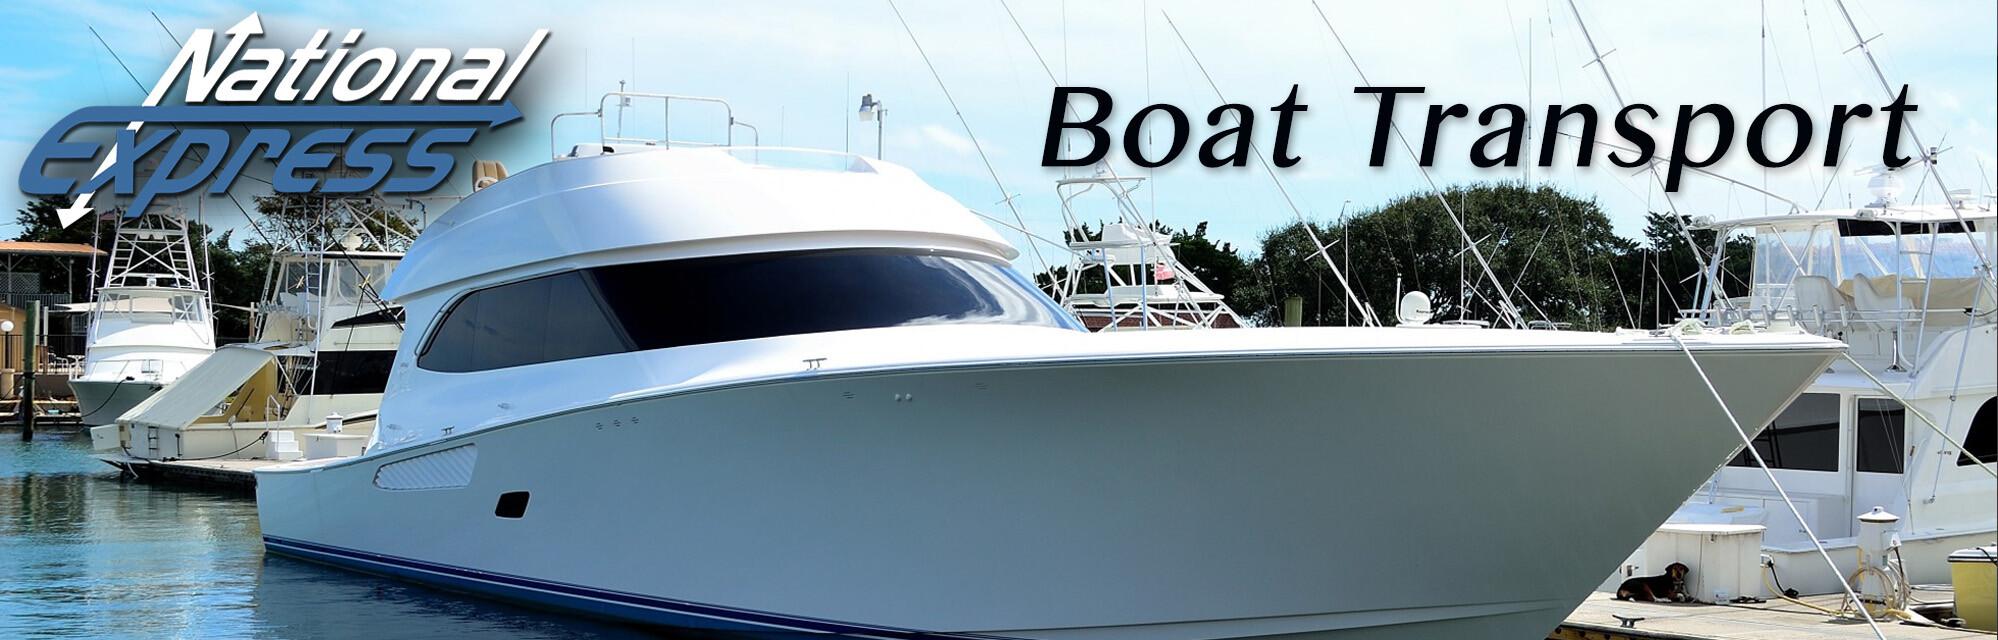 national express boat transport